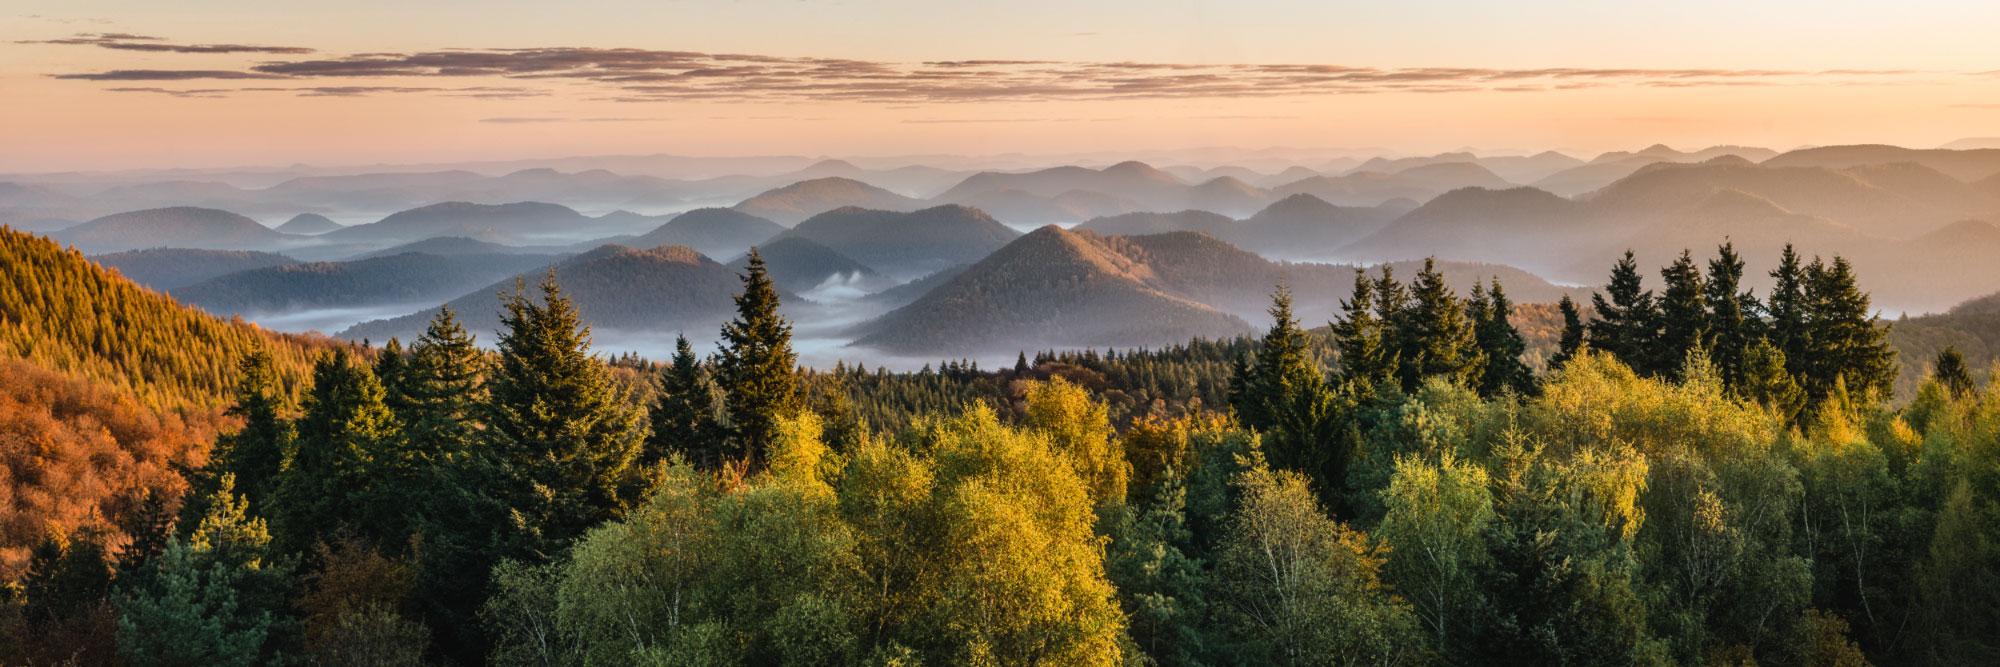 Les Vosges du Nord depuis le belvédère du Grand Wintersberg (581 m), Alsace